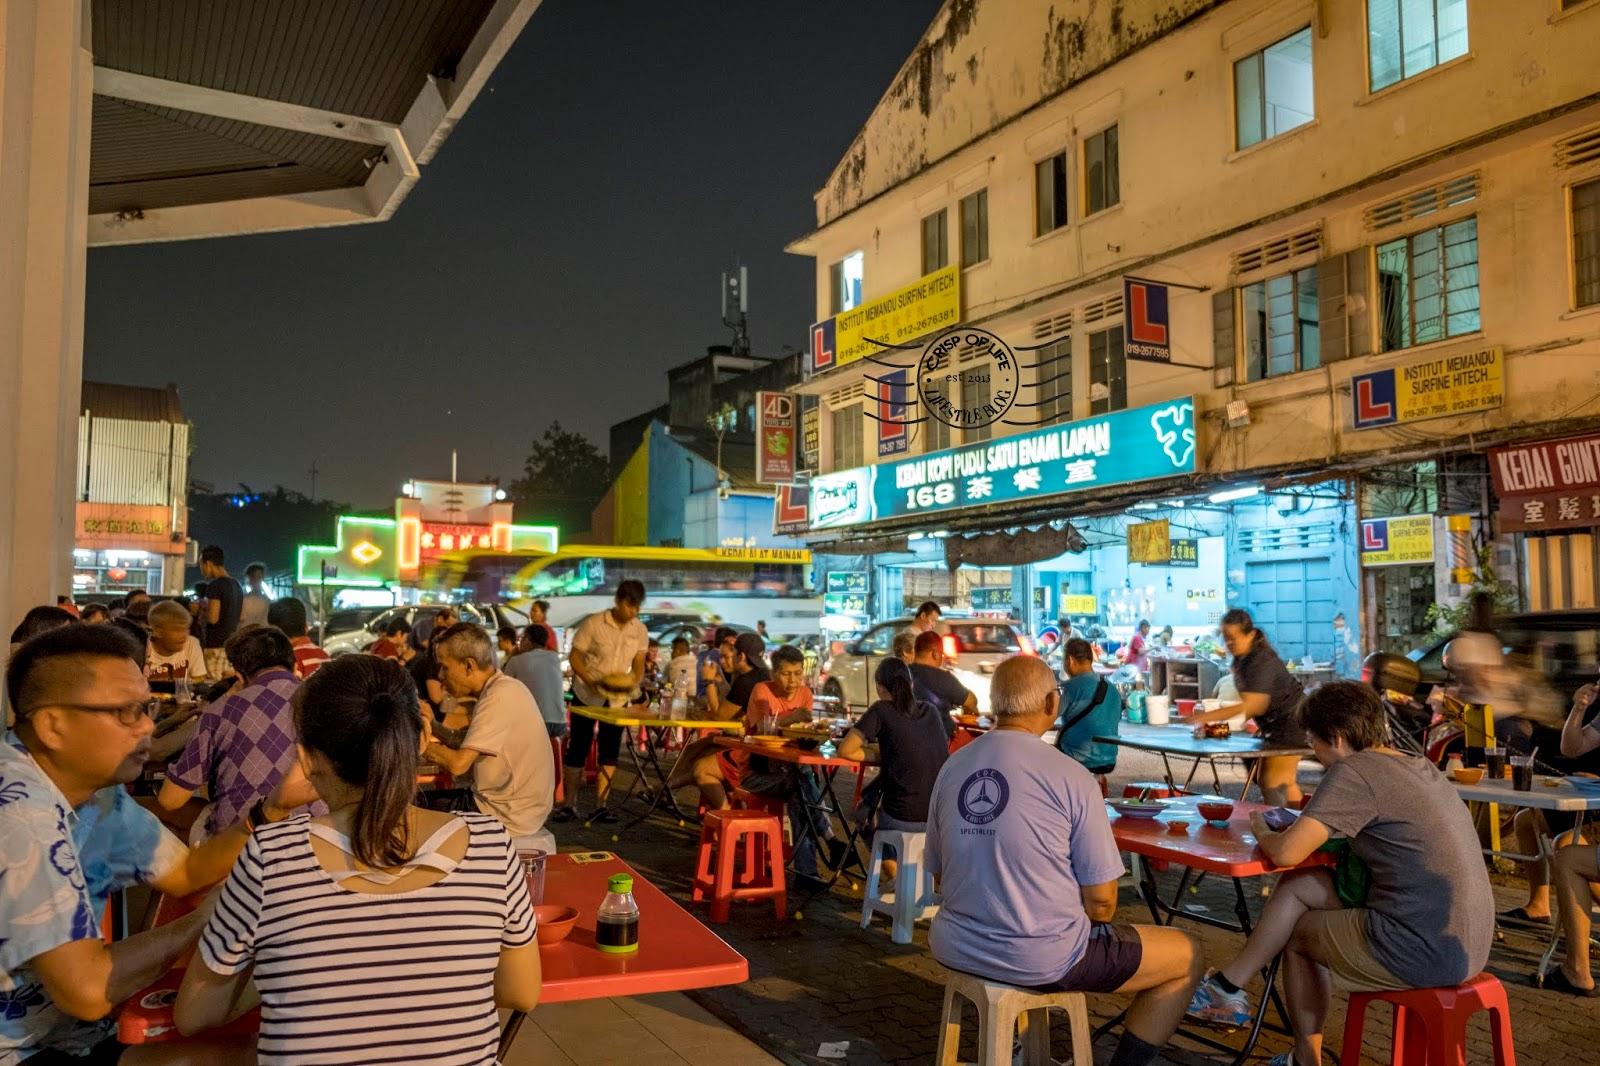 Claypot Chicken @ Kedai Kopi Satu Enam Lapan 168 茶餐室, Pudu, Kuala Lumpur